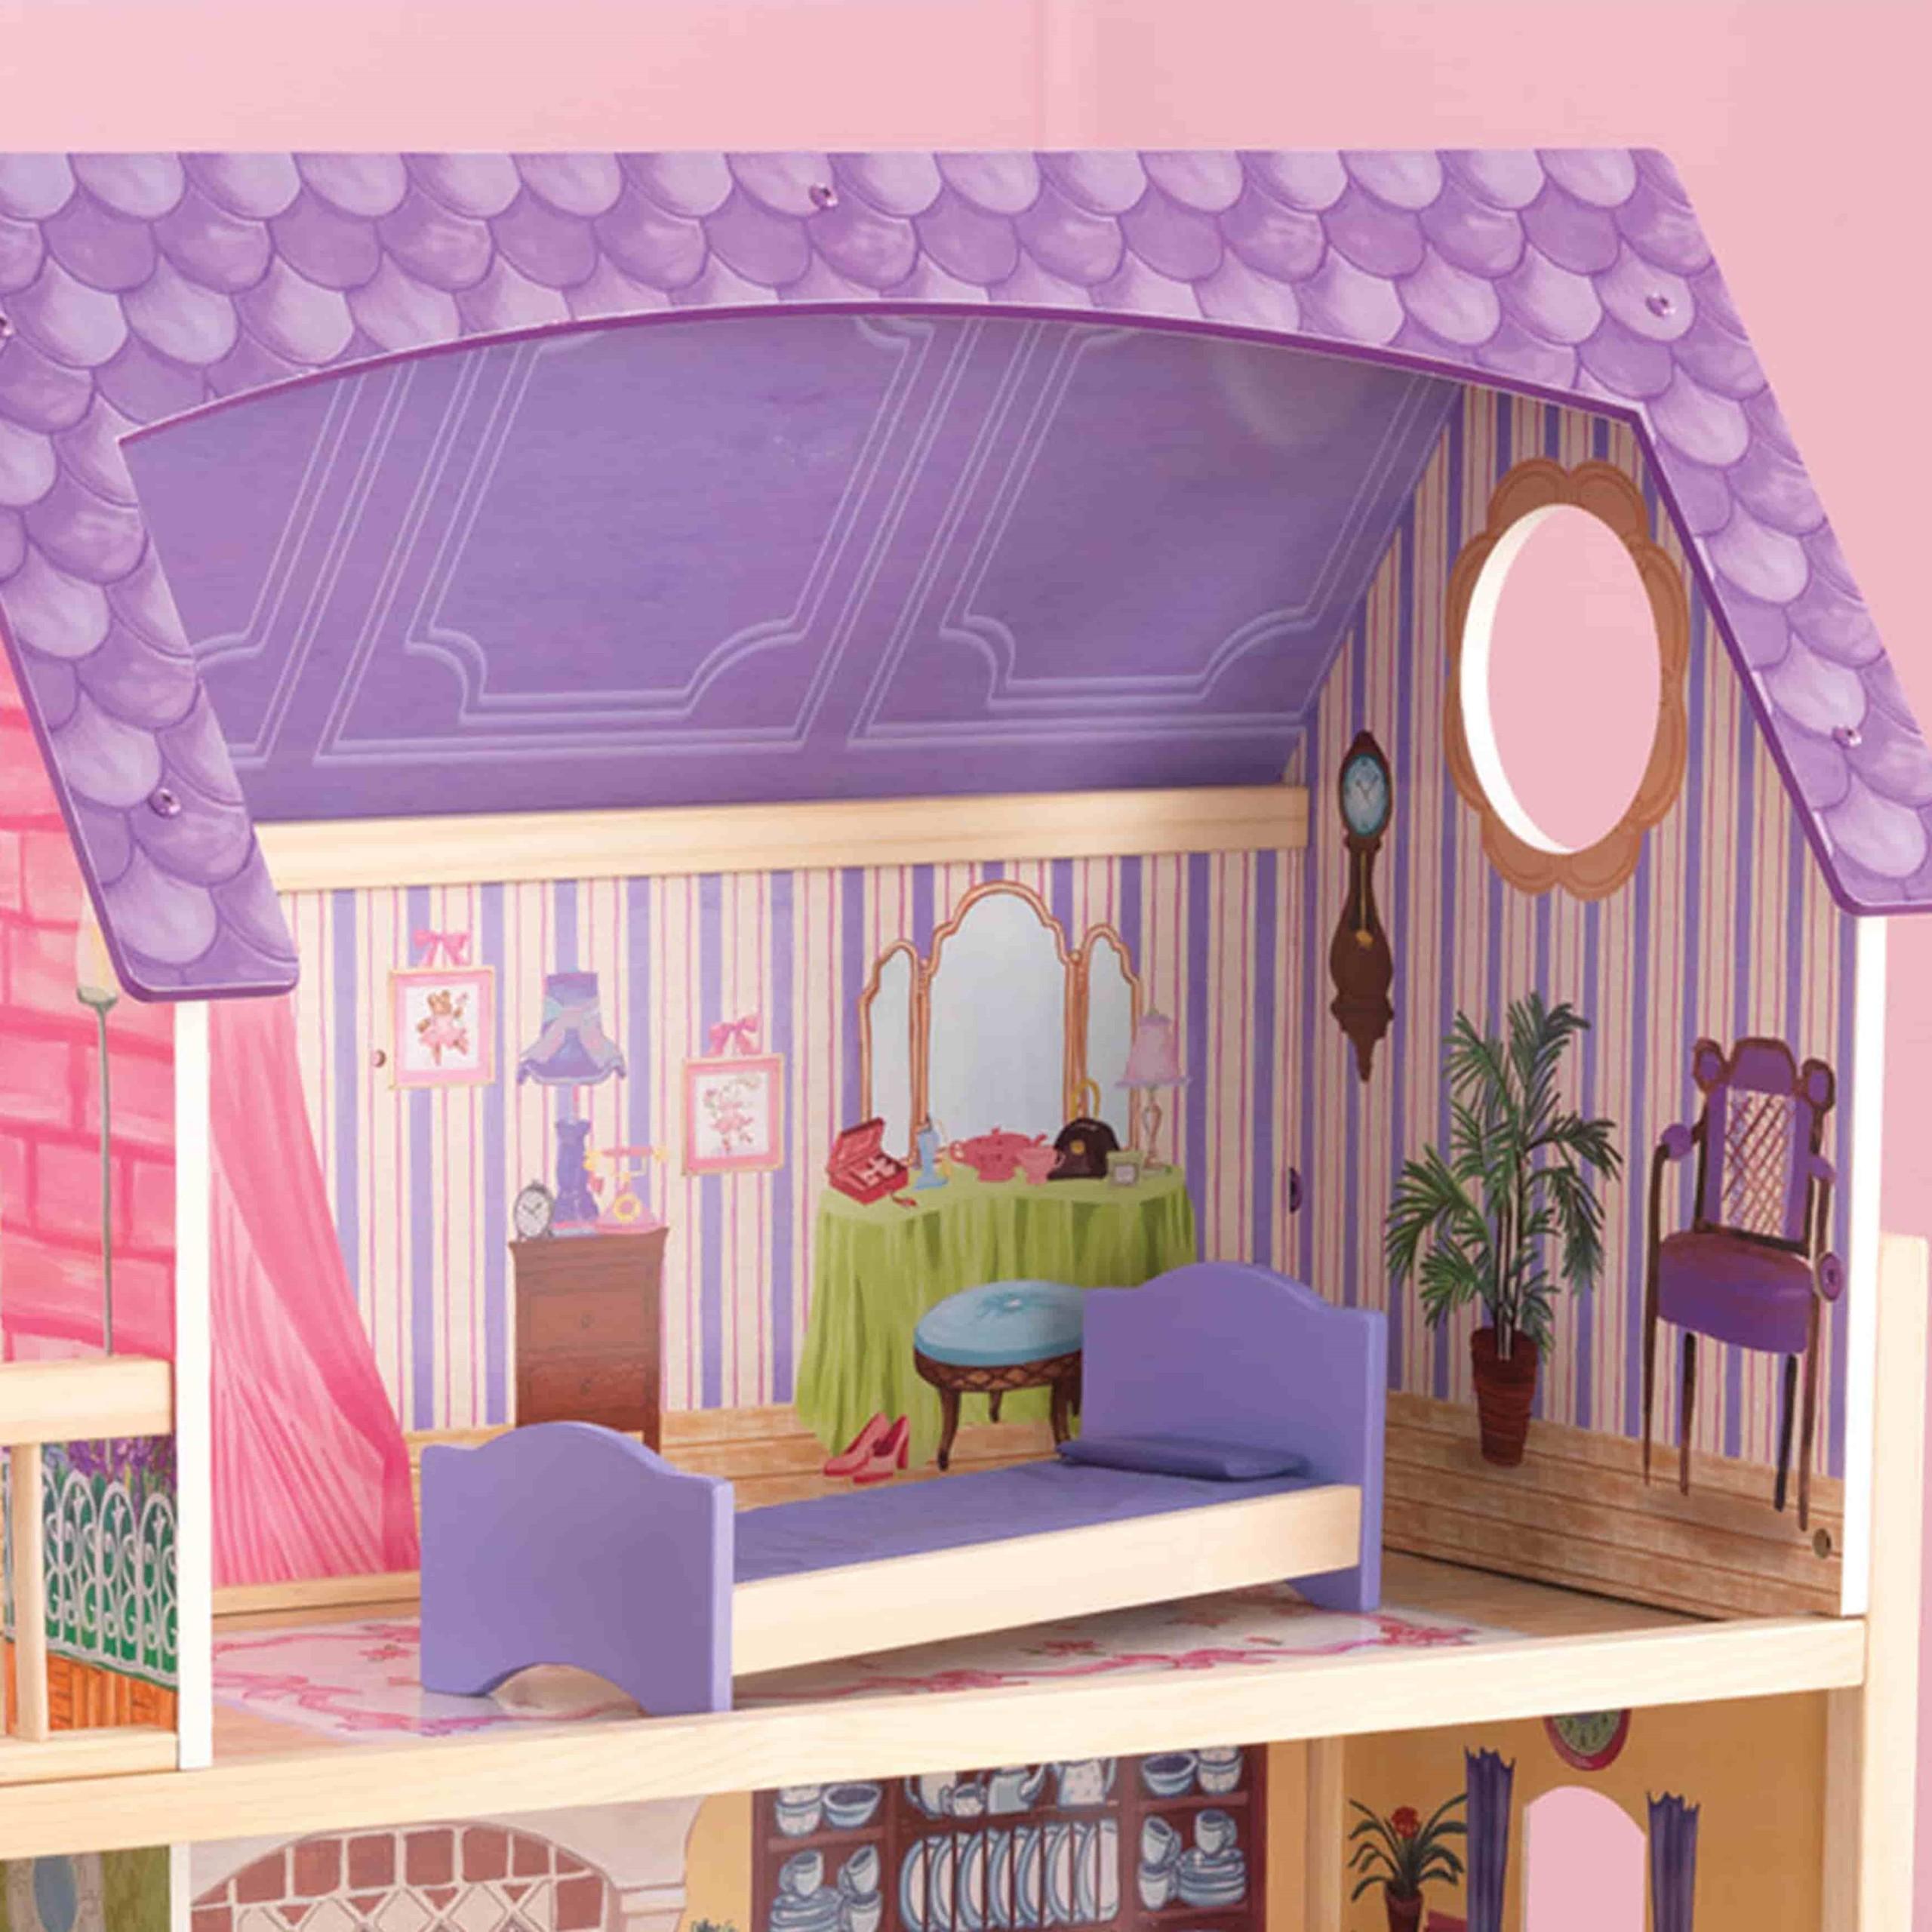 Къща за кукли от дърво – Кайла - Kidkraft дървени къщи за кукли(3)-bellamiestore